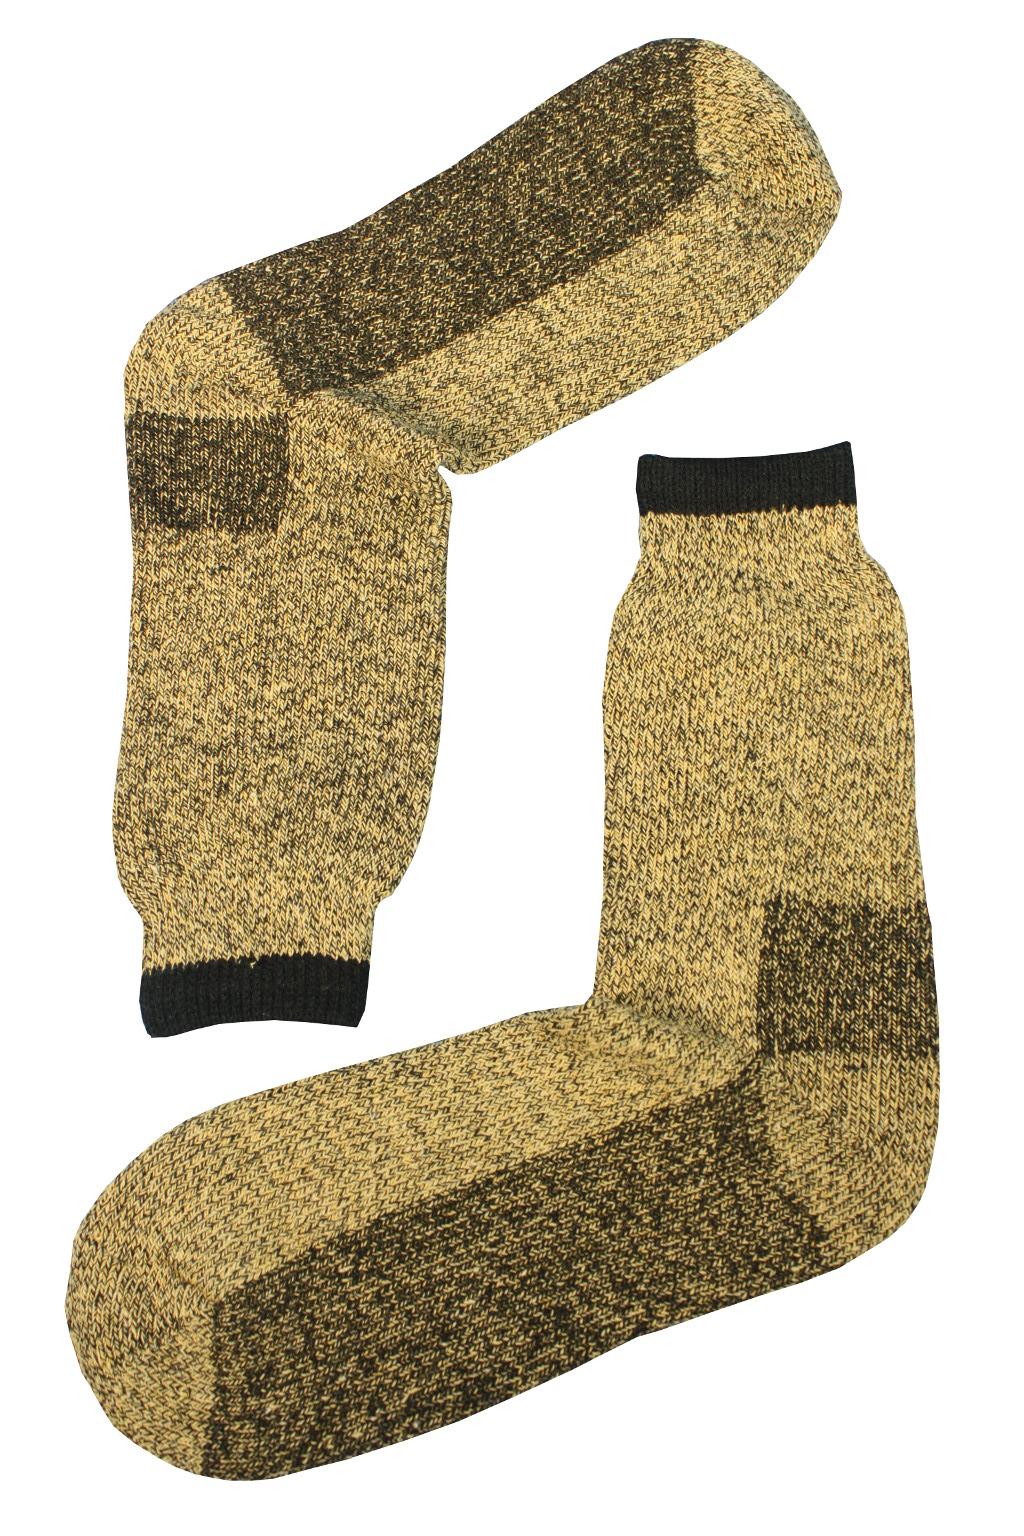 Teplé vlněné ponožky Thermo 39-42 světle hnědá